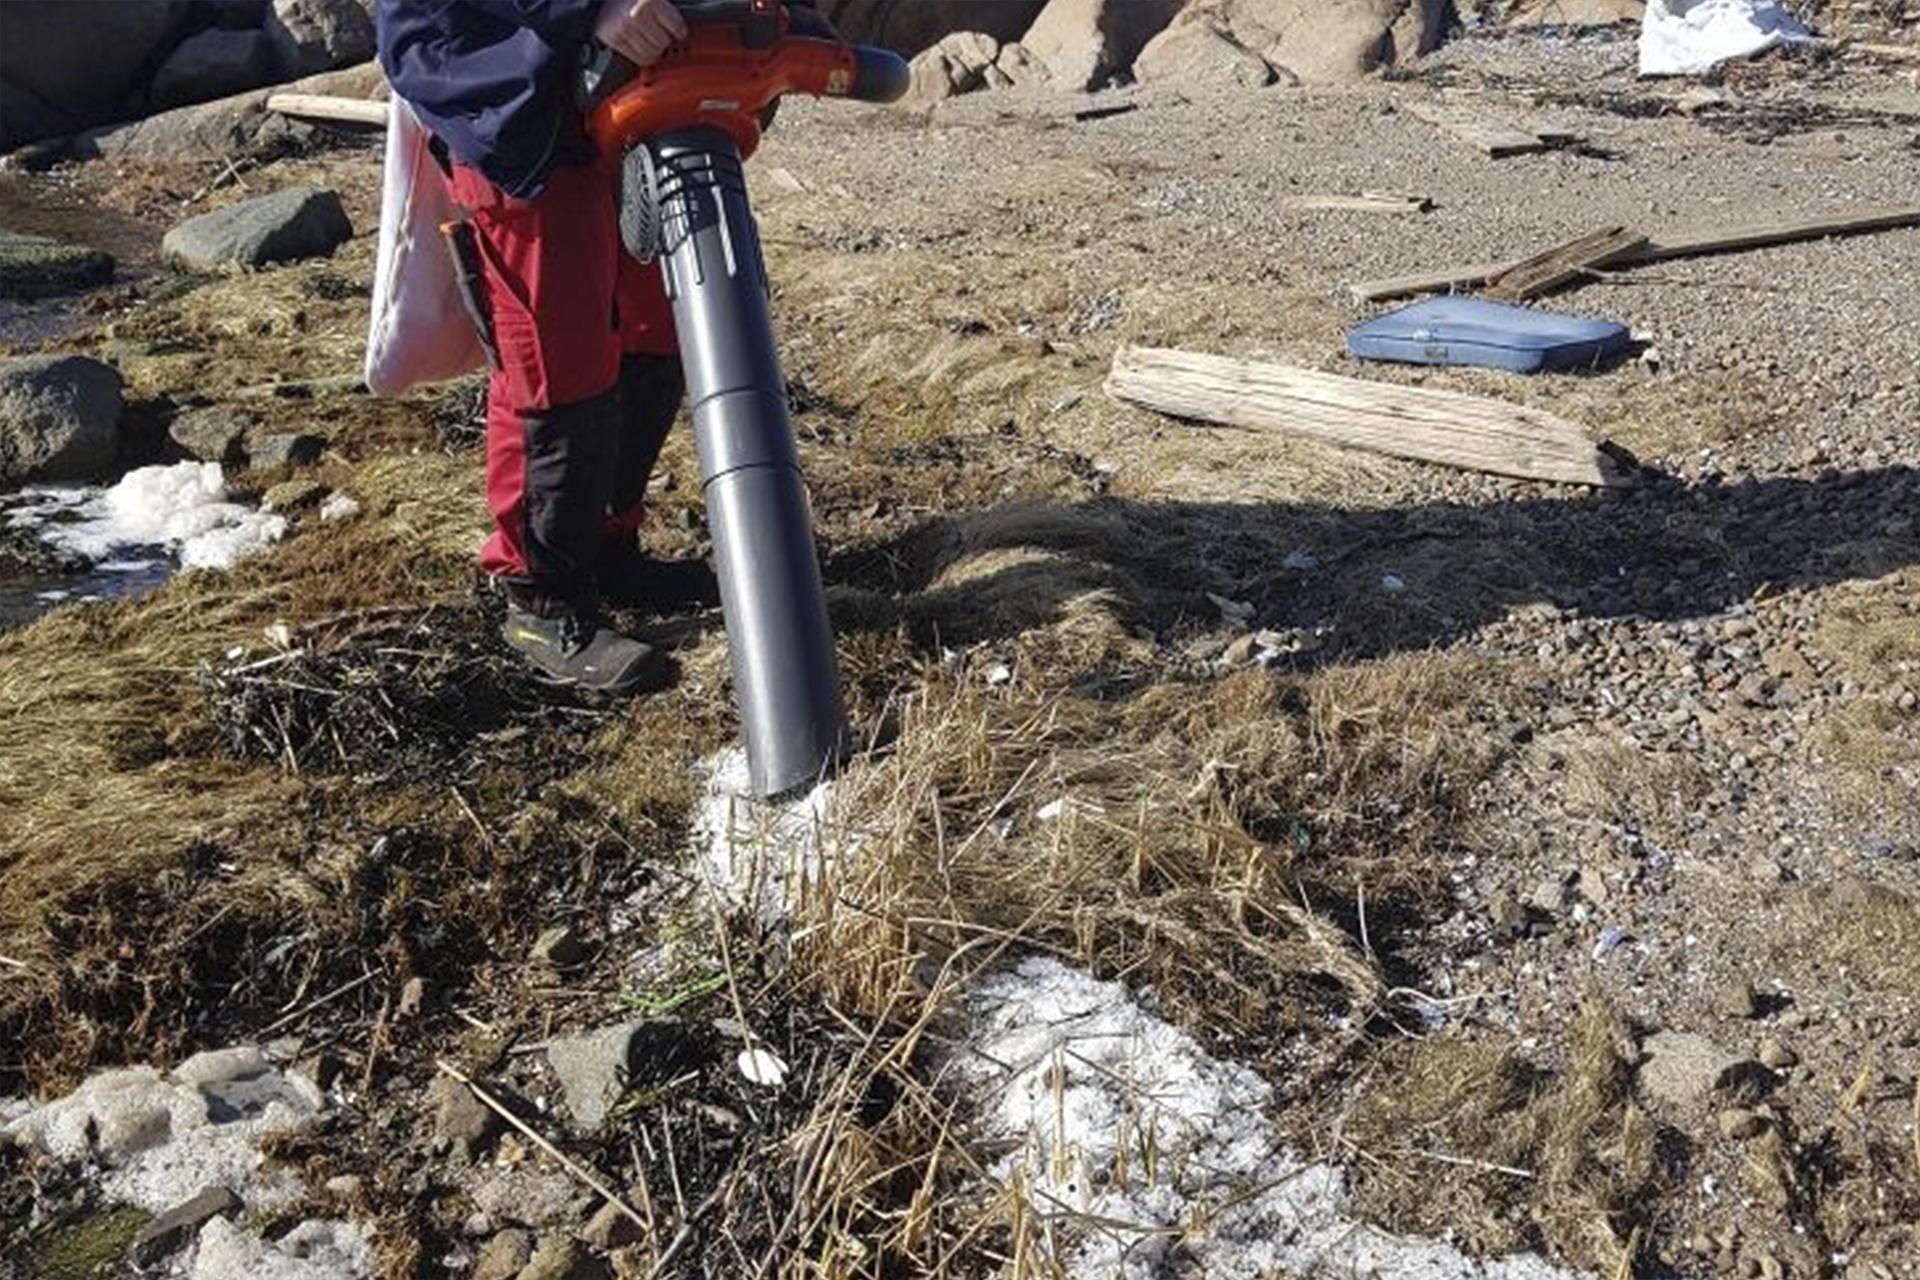 Ryddeapparatet støvsuger stranden for plastpellets